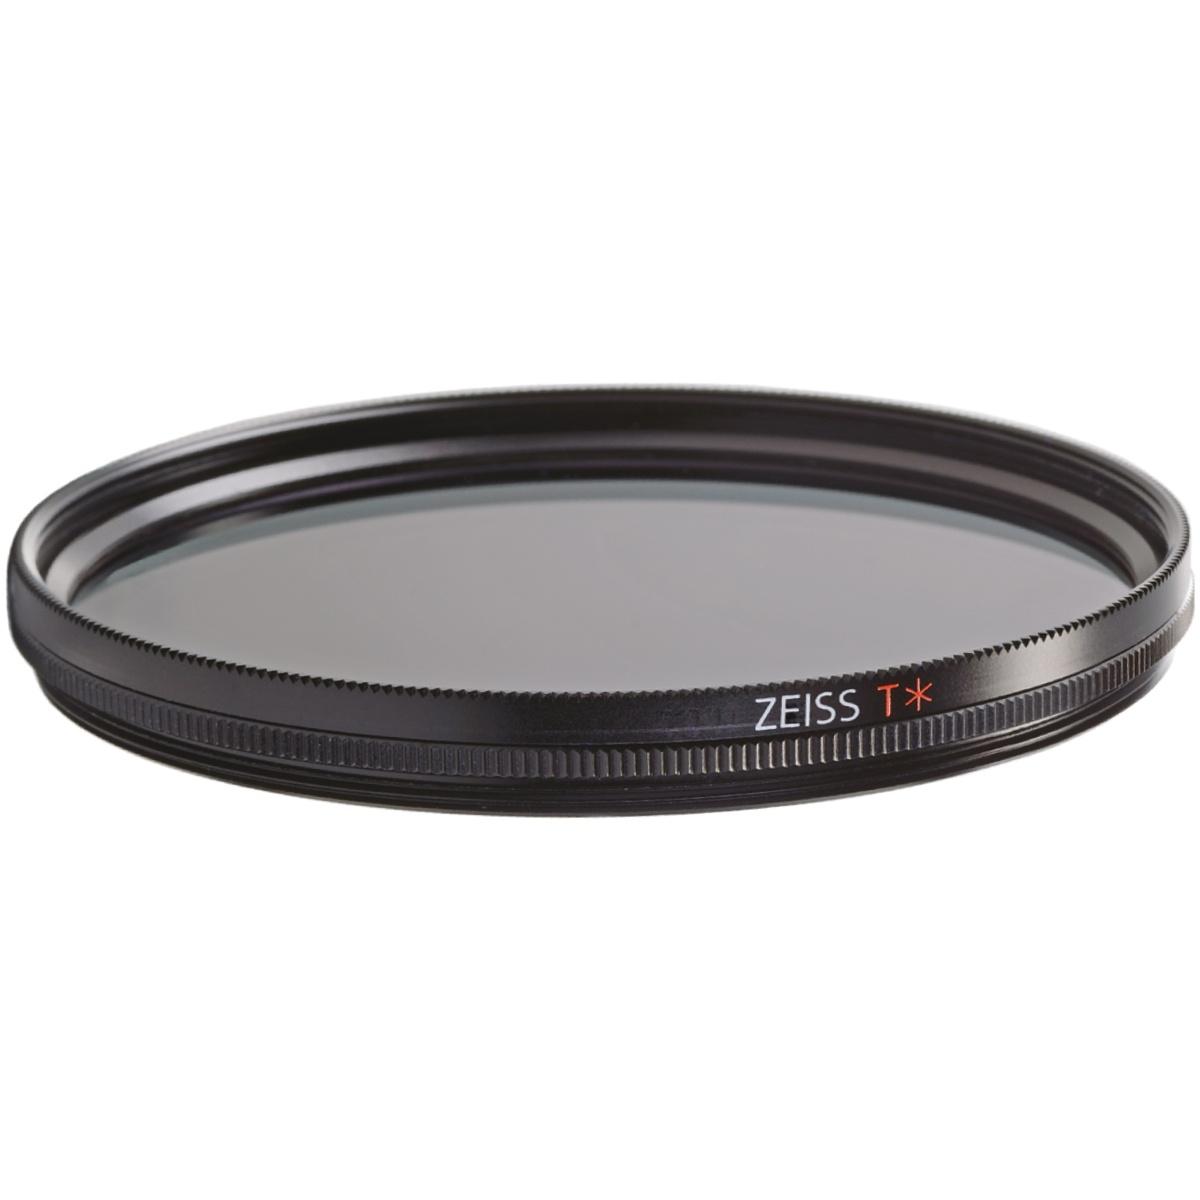 ZEISS T POL-Filter circular 58mm